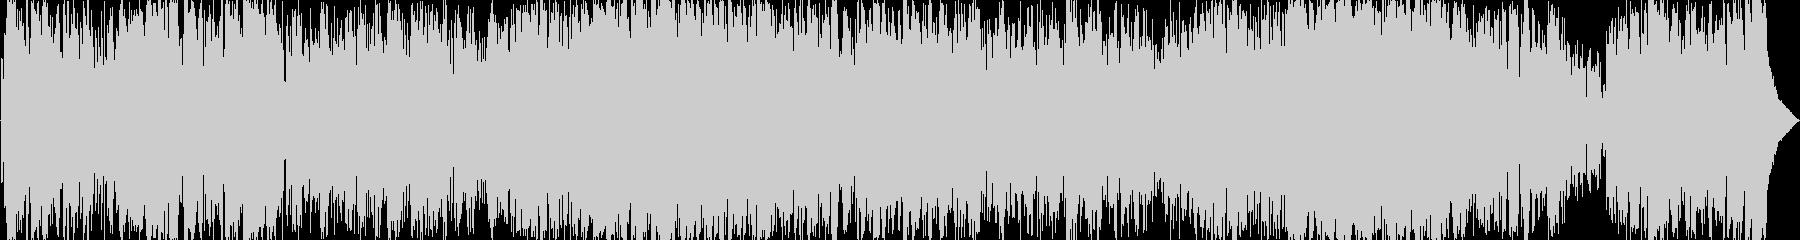 フルートが印象的なユーミン風ボサノバの未再生の波形